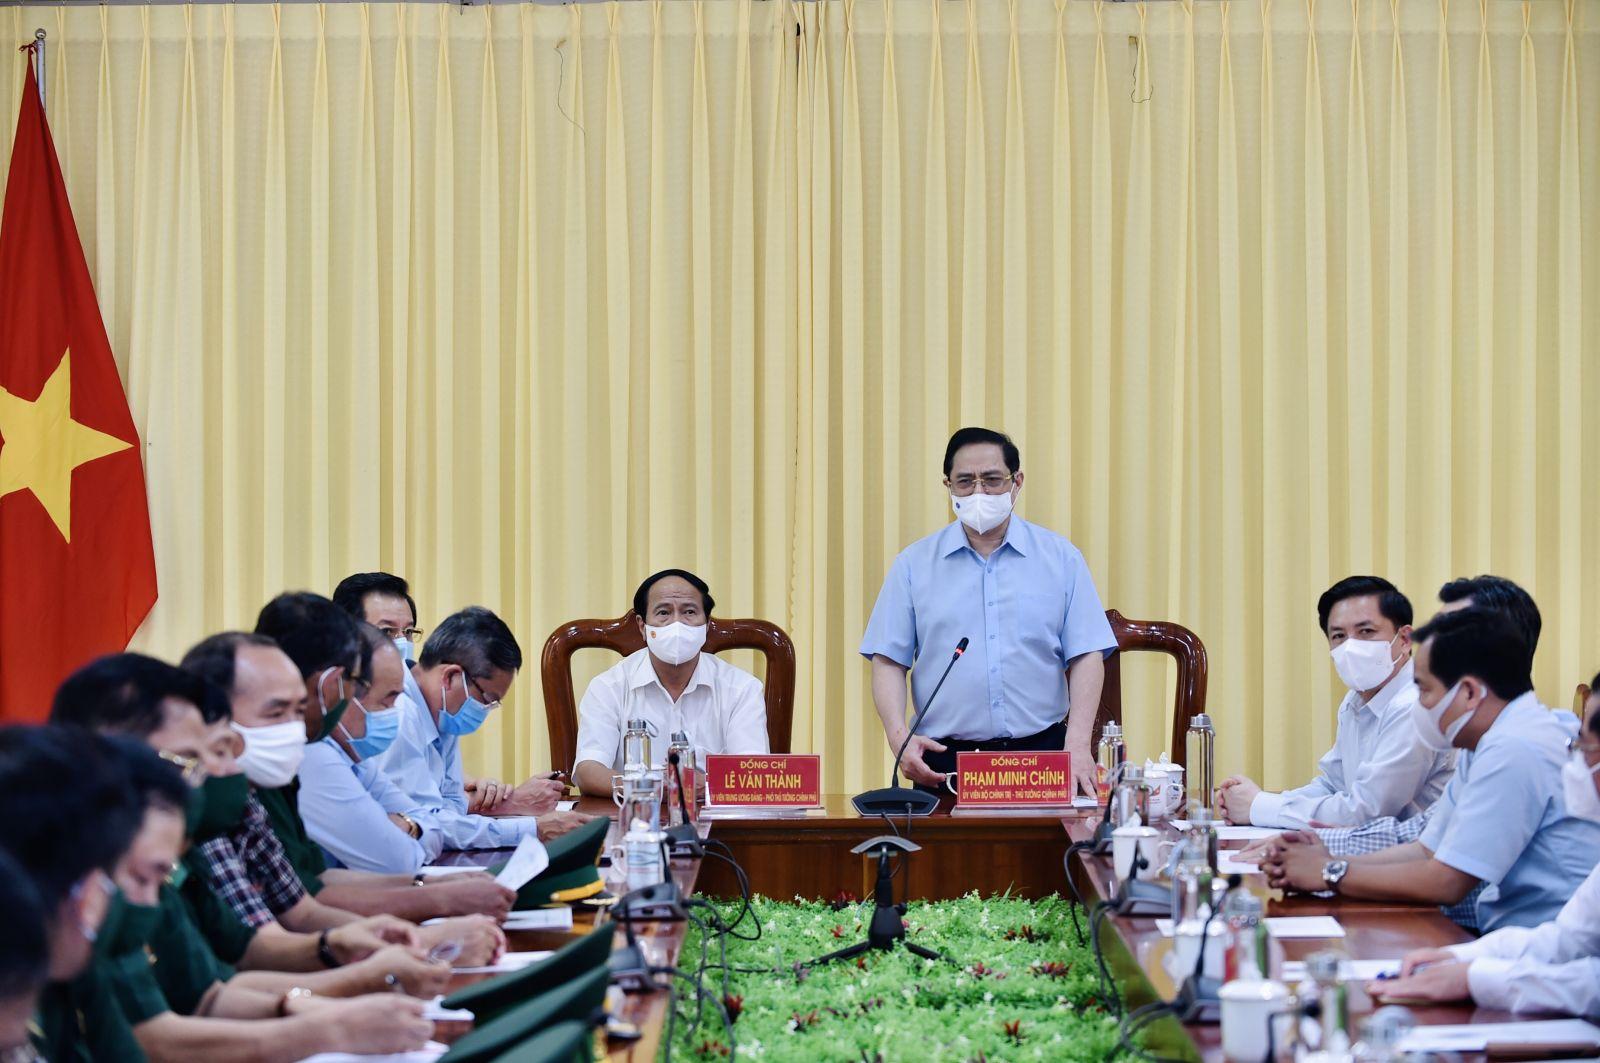 Thủ tướng Phạm Minh Chính, Phó thủ tướng Lê Văn Thành làm việc tại Bộ Chỉ huy Bộ đội Biên phòng tỉnh An Giang, chiều 9-5-2021. Ảnh: VGP/Nhật Bắc